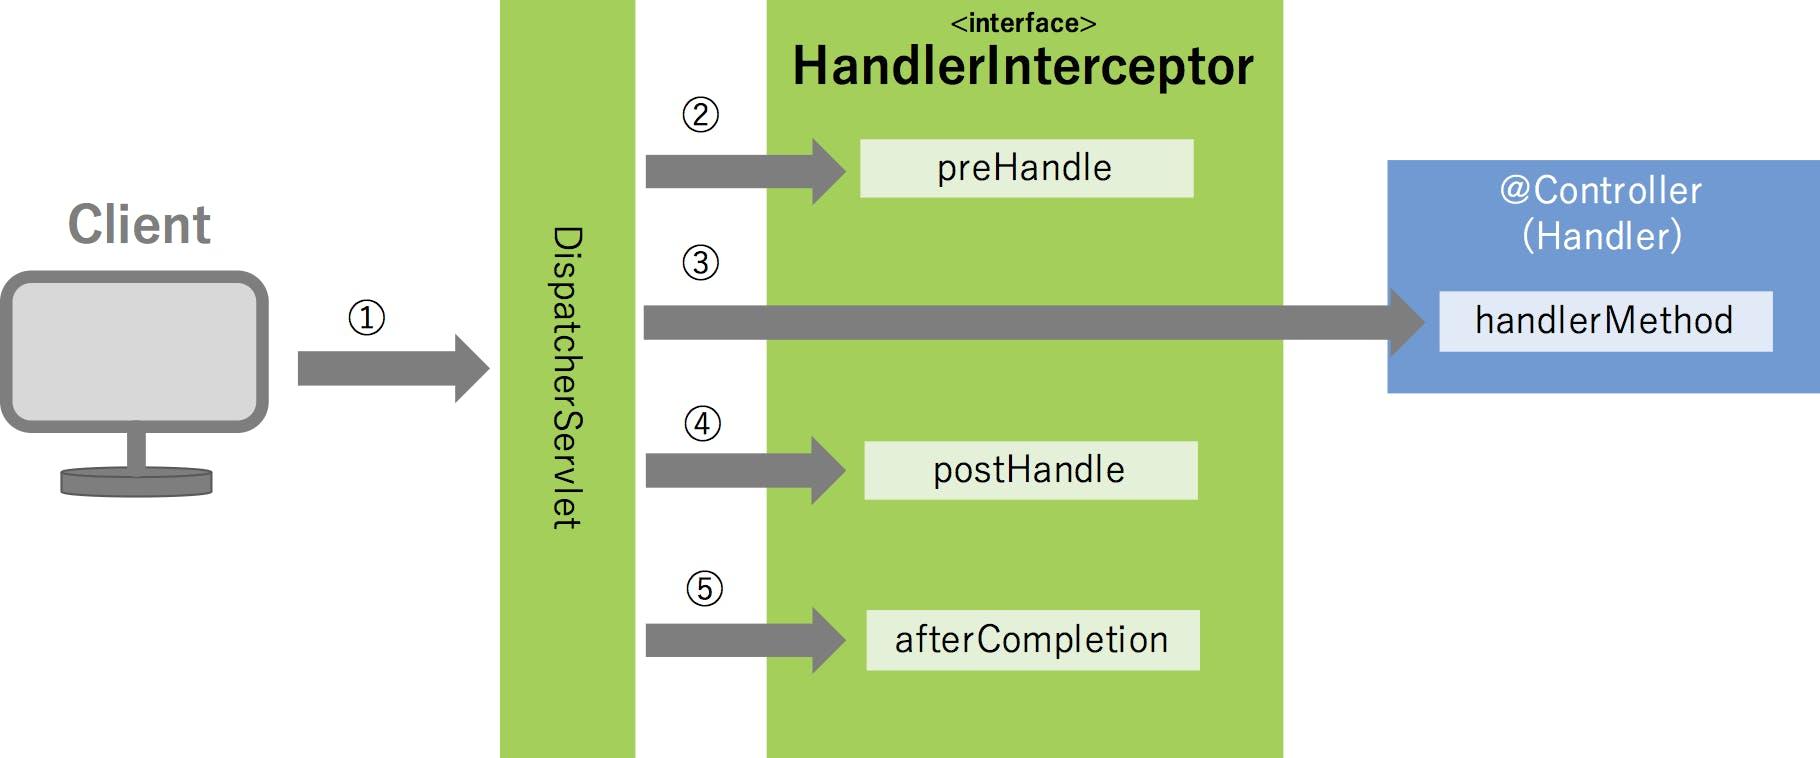 handlerInterceptor.png